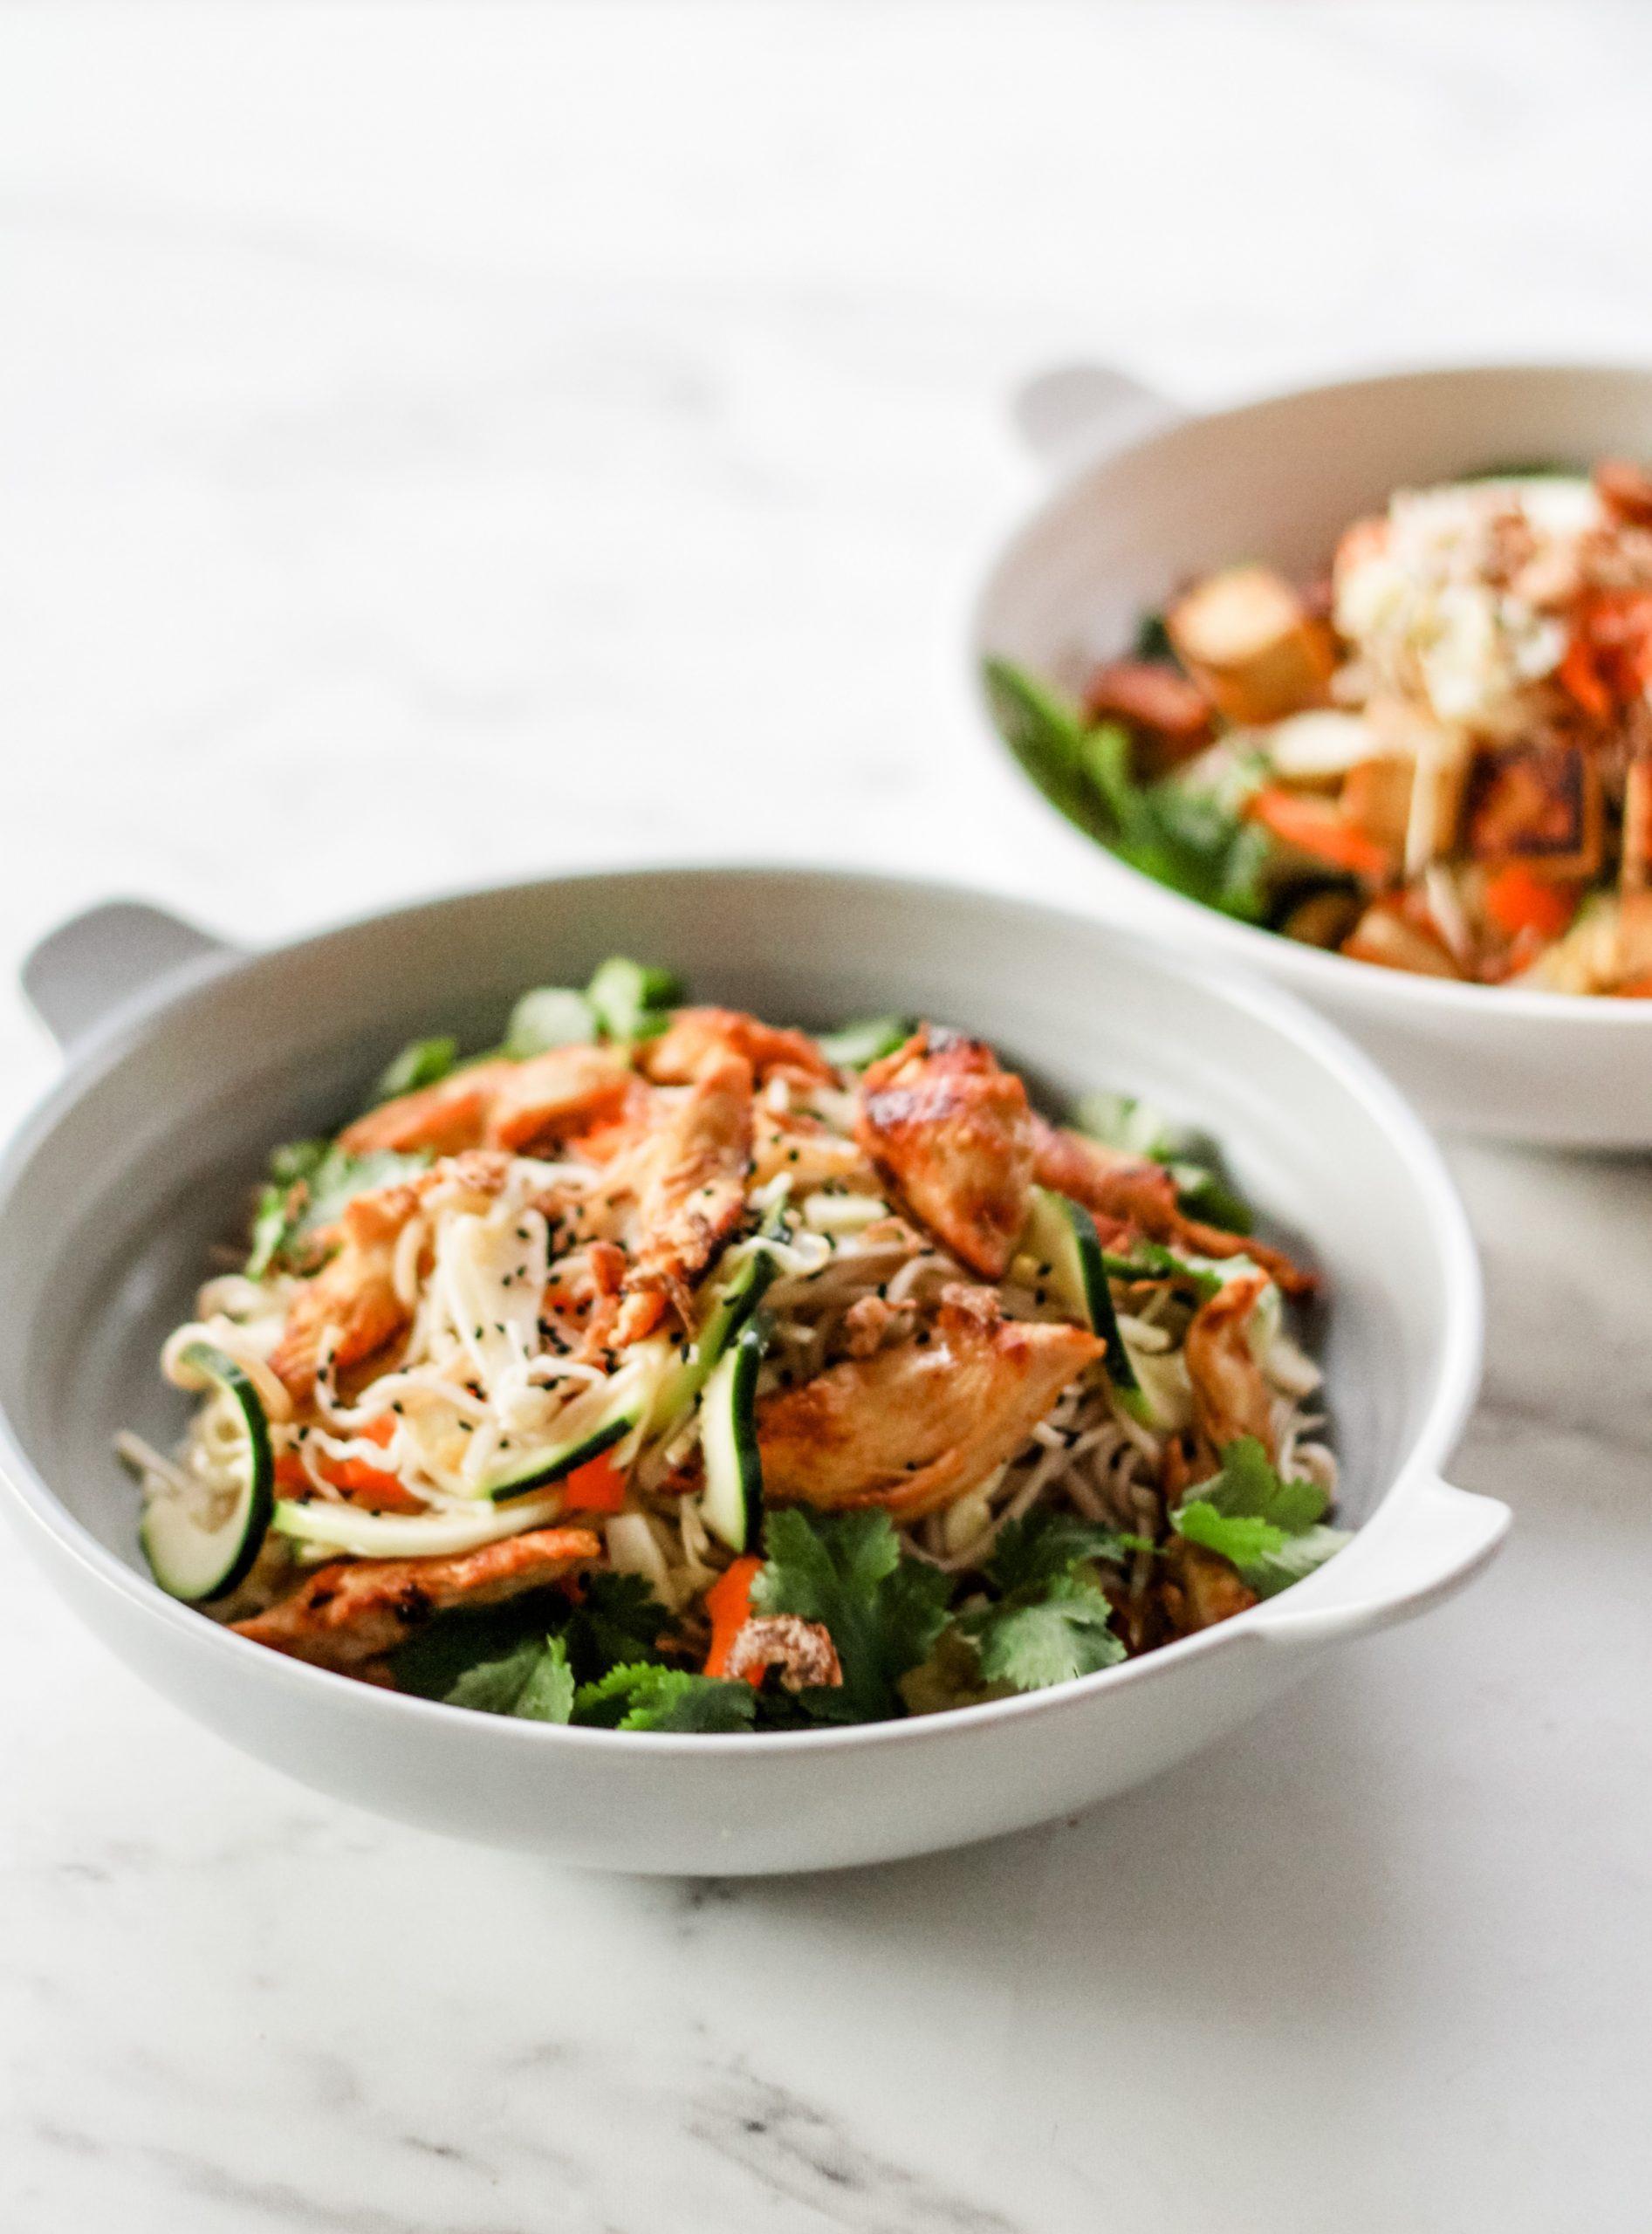 Versatile sesame soba noodles for vegetarians and meat-eaters, Versatile sesame soba noodles for vegetarians and meat-eaters